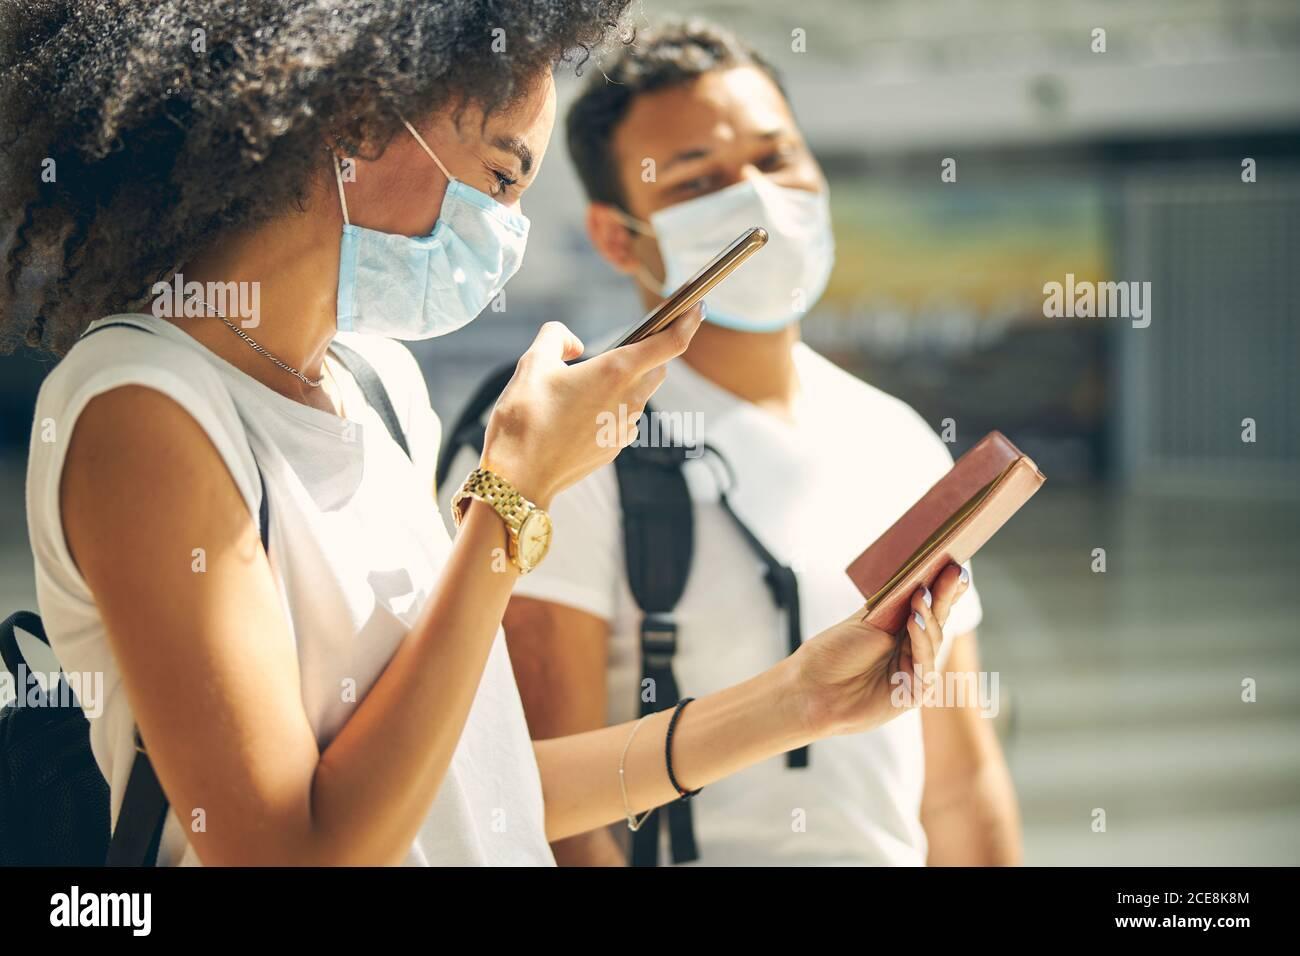 Mujer africana de buen aspecto haciendo fotos de su documento en el móvil teléfono Foto de stock